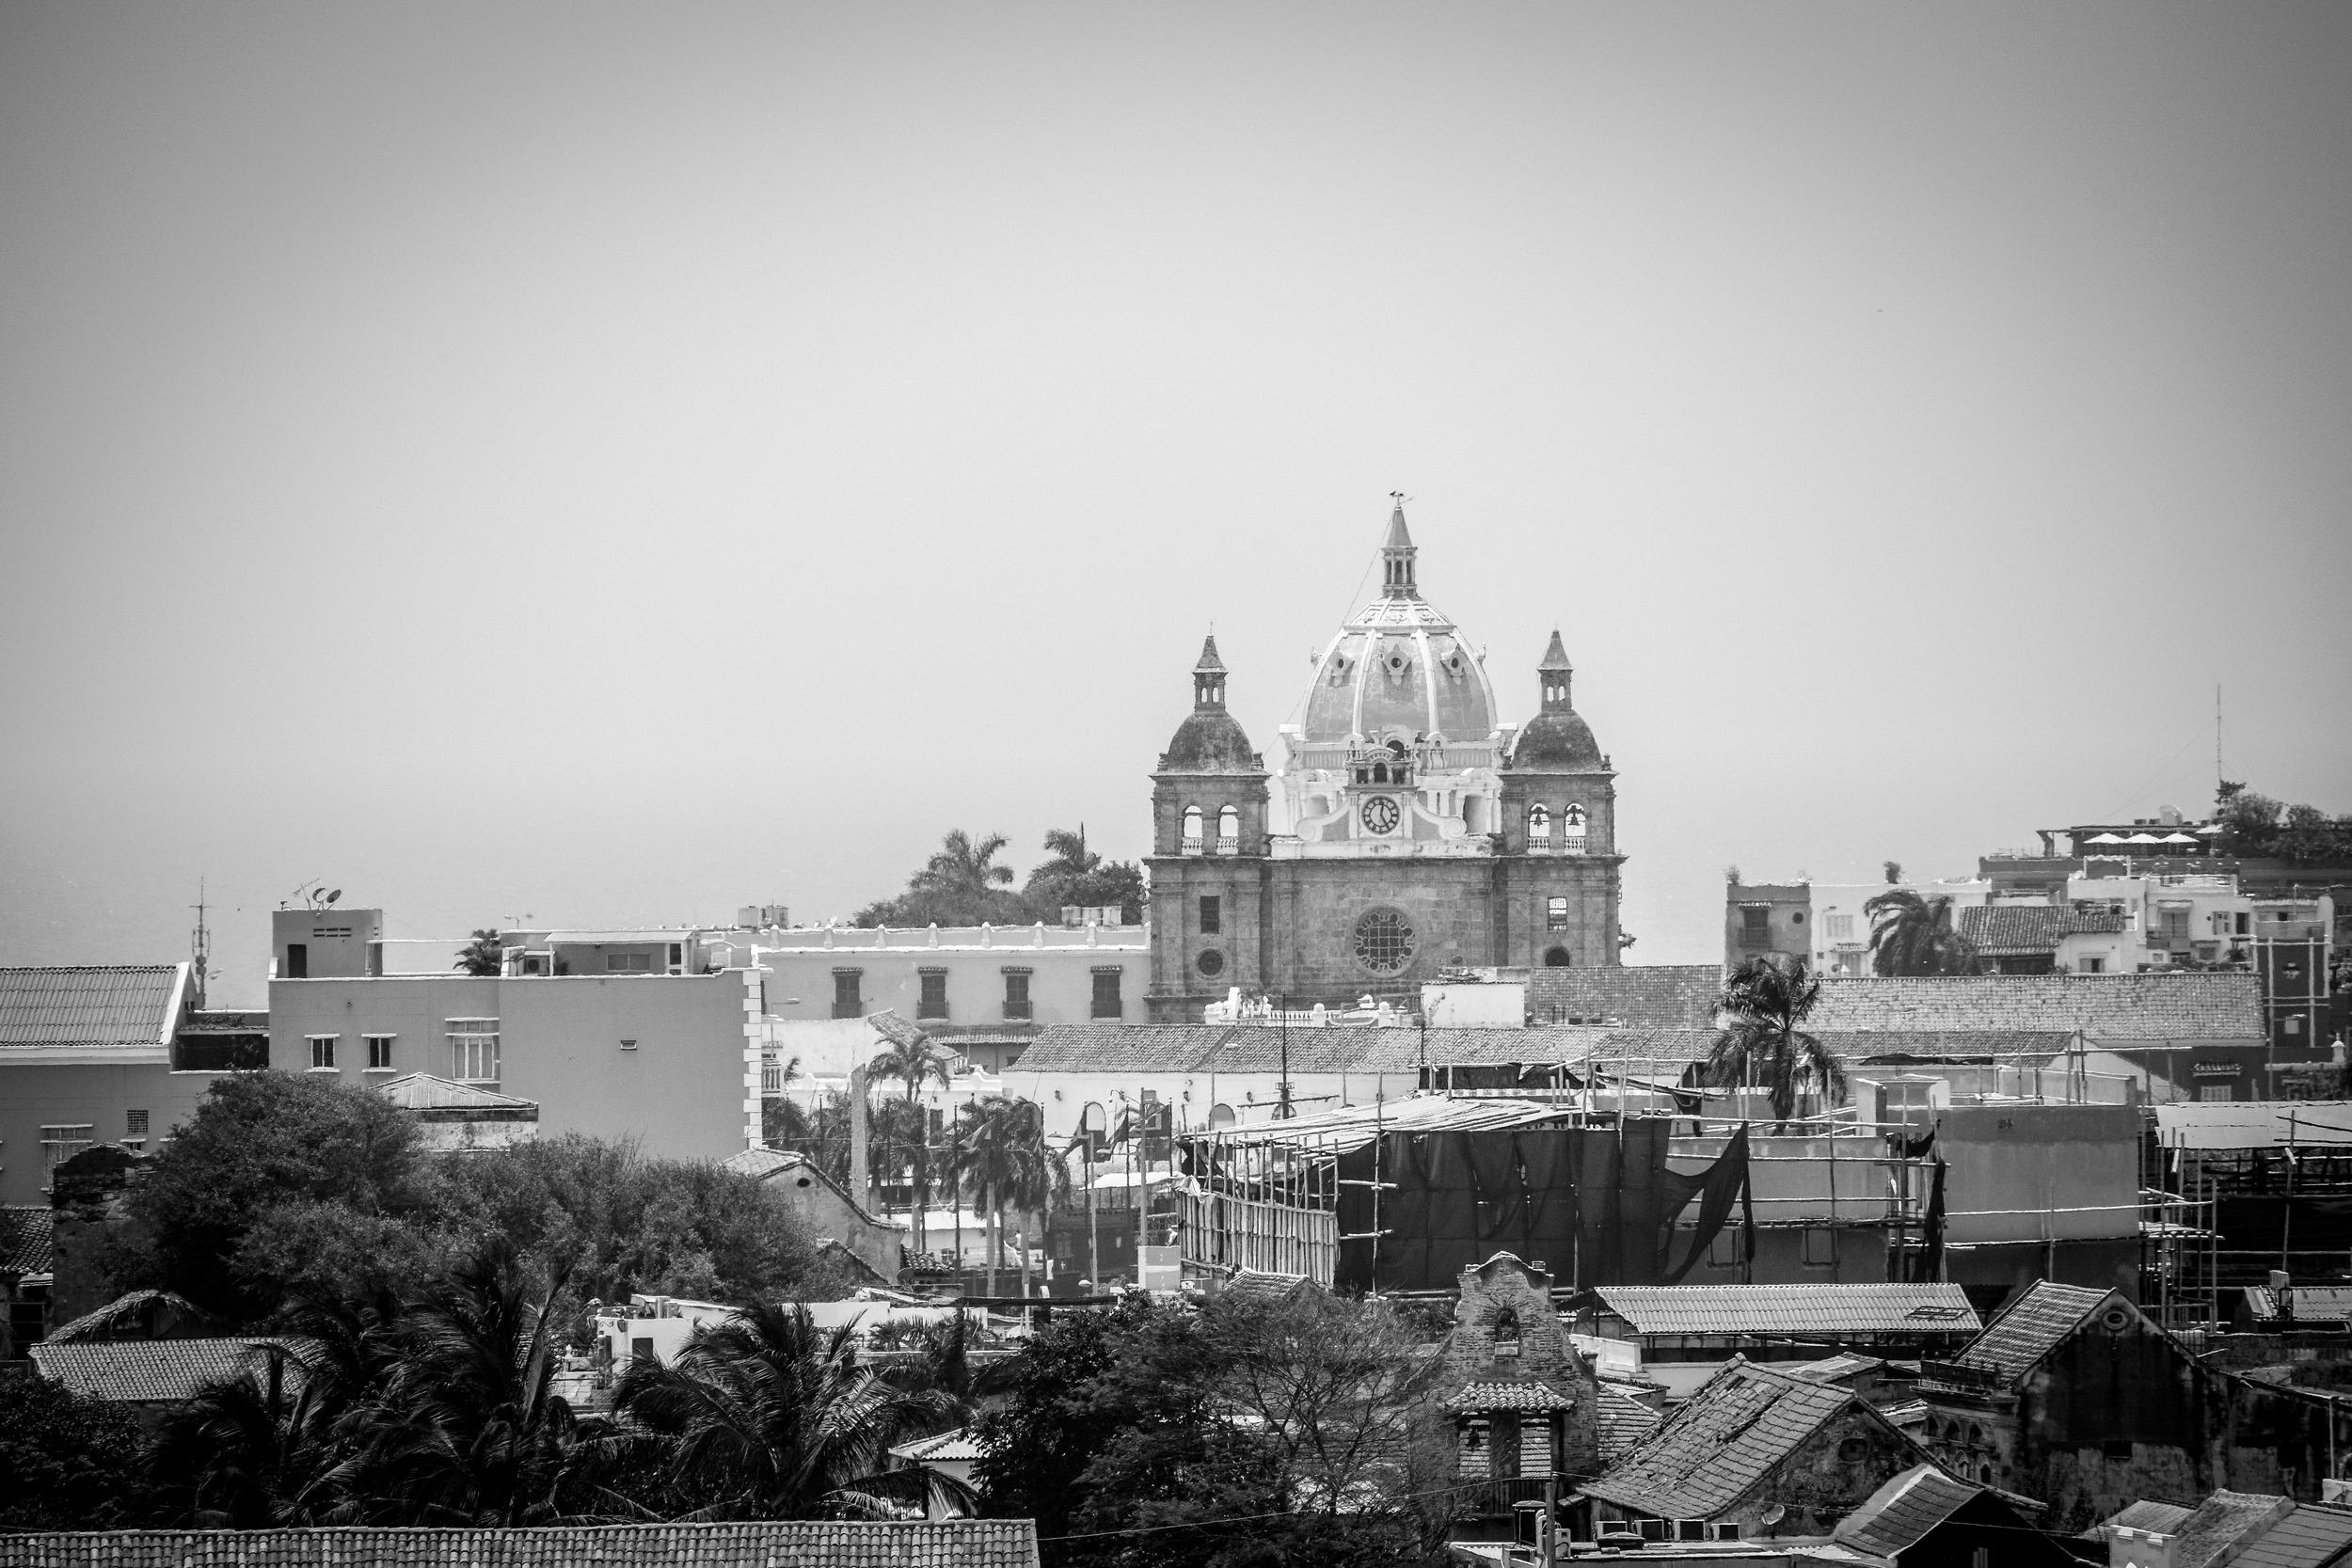 Convento de San Pedro Claver